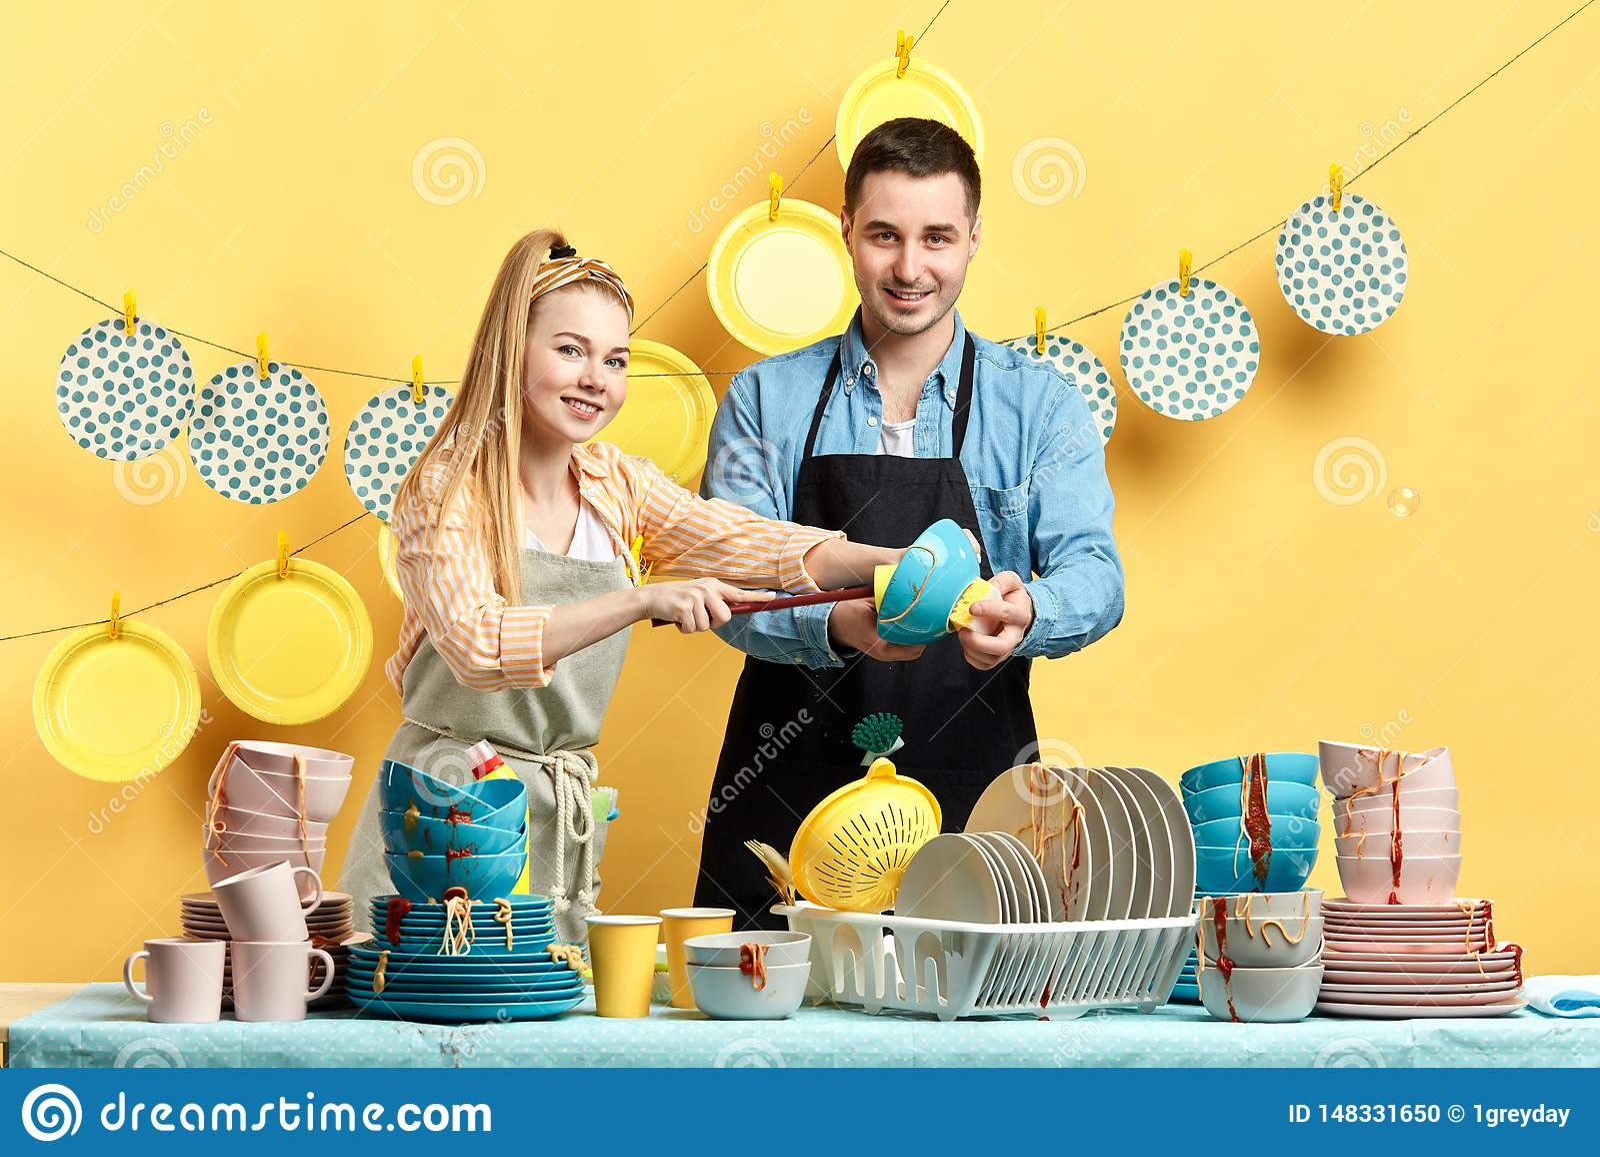 Blondynki gospodyni domowa i jej mąż bierze udział w konkursie